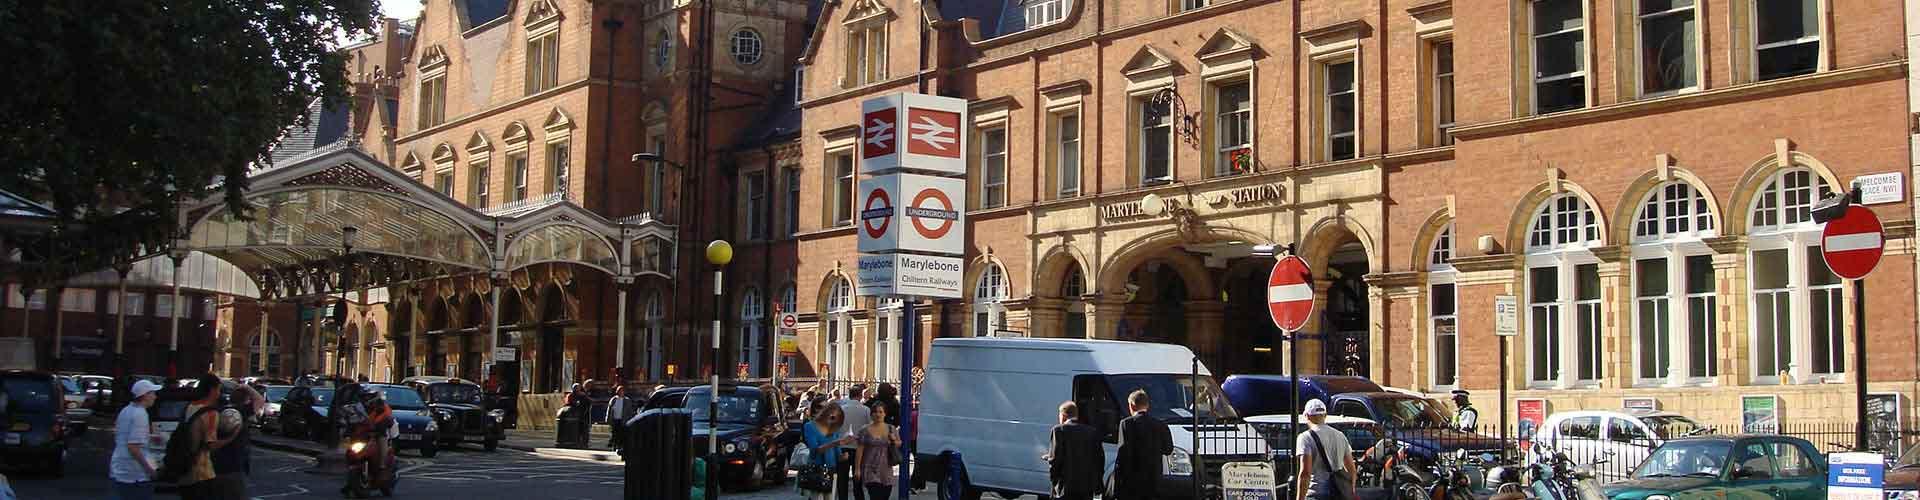 Londres - Hoteles baratos en el distrito Marylebone. Mapas de Londres, Fotos y comentarios de cada Hotel barato en Londres.